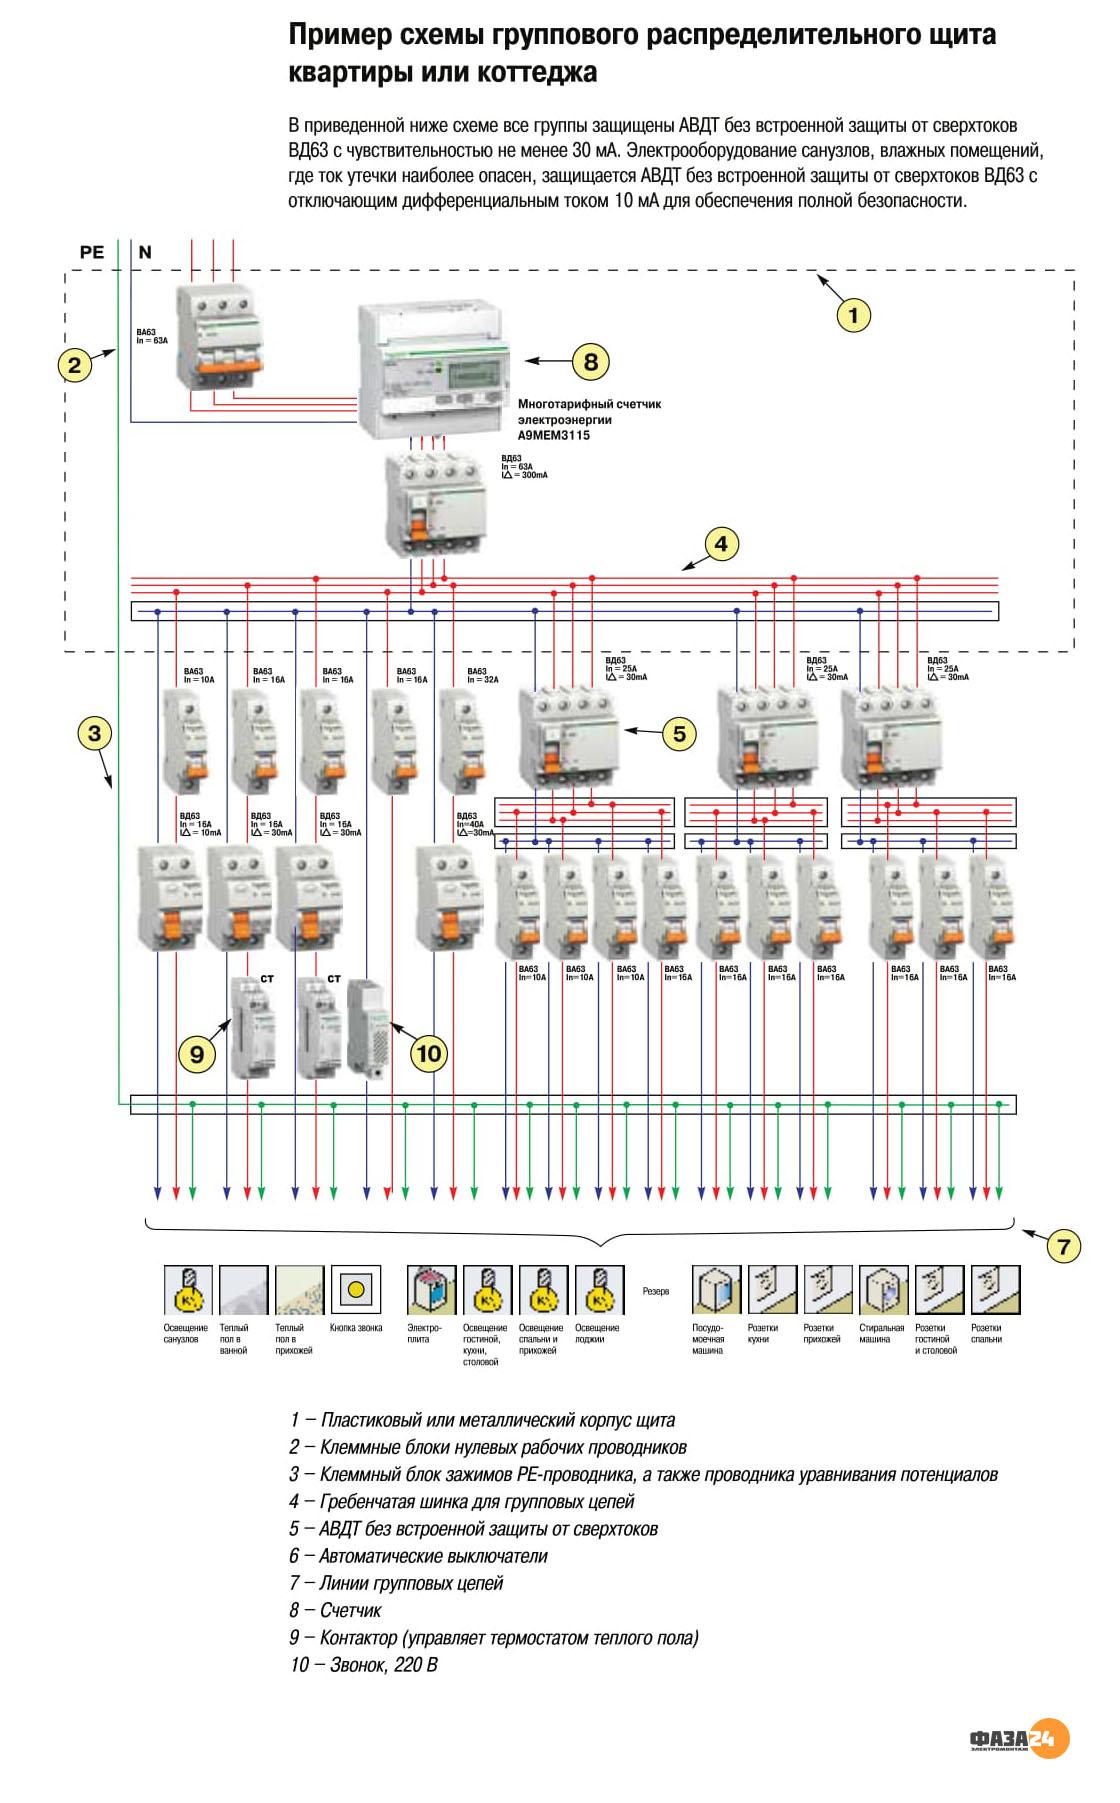 схема квартирного распределительного щитка с счетчиком в соответствии с ГОСТ